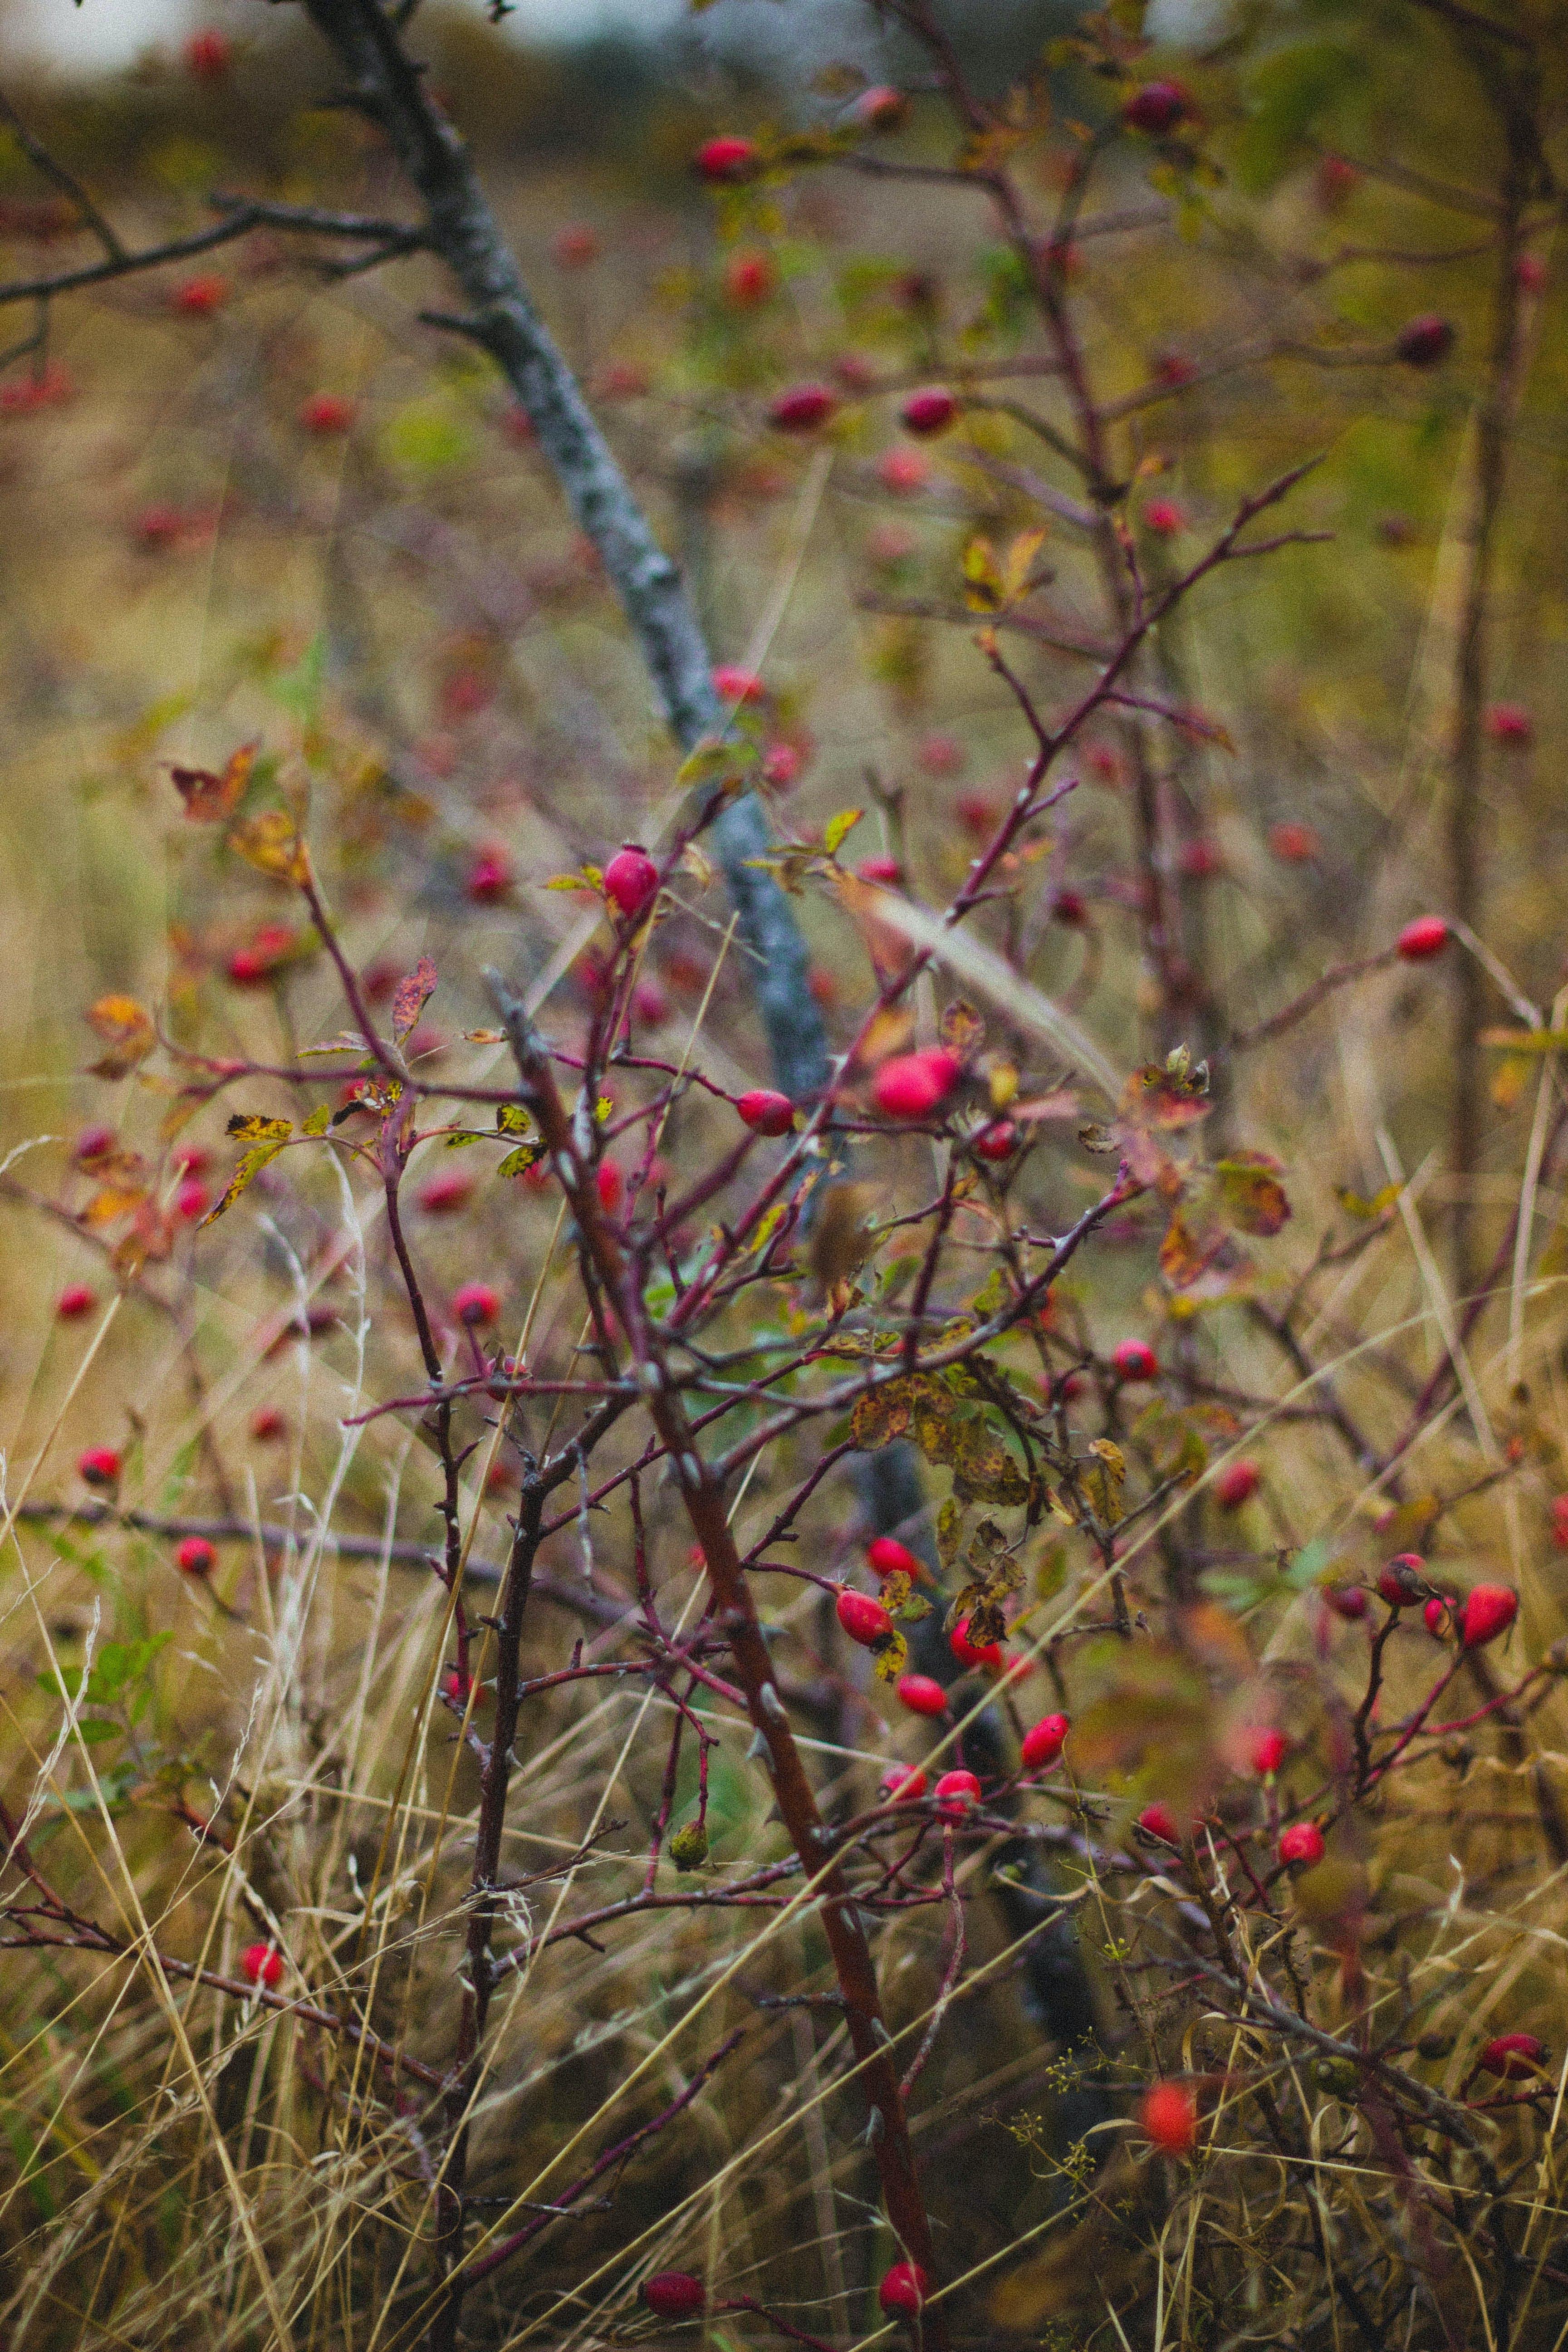 Fotos de stock gratuitas de arbusto, baya, planta, profundidad de campo